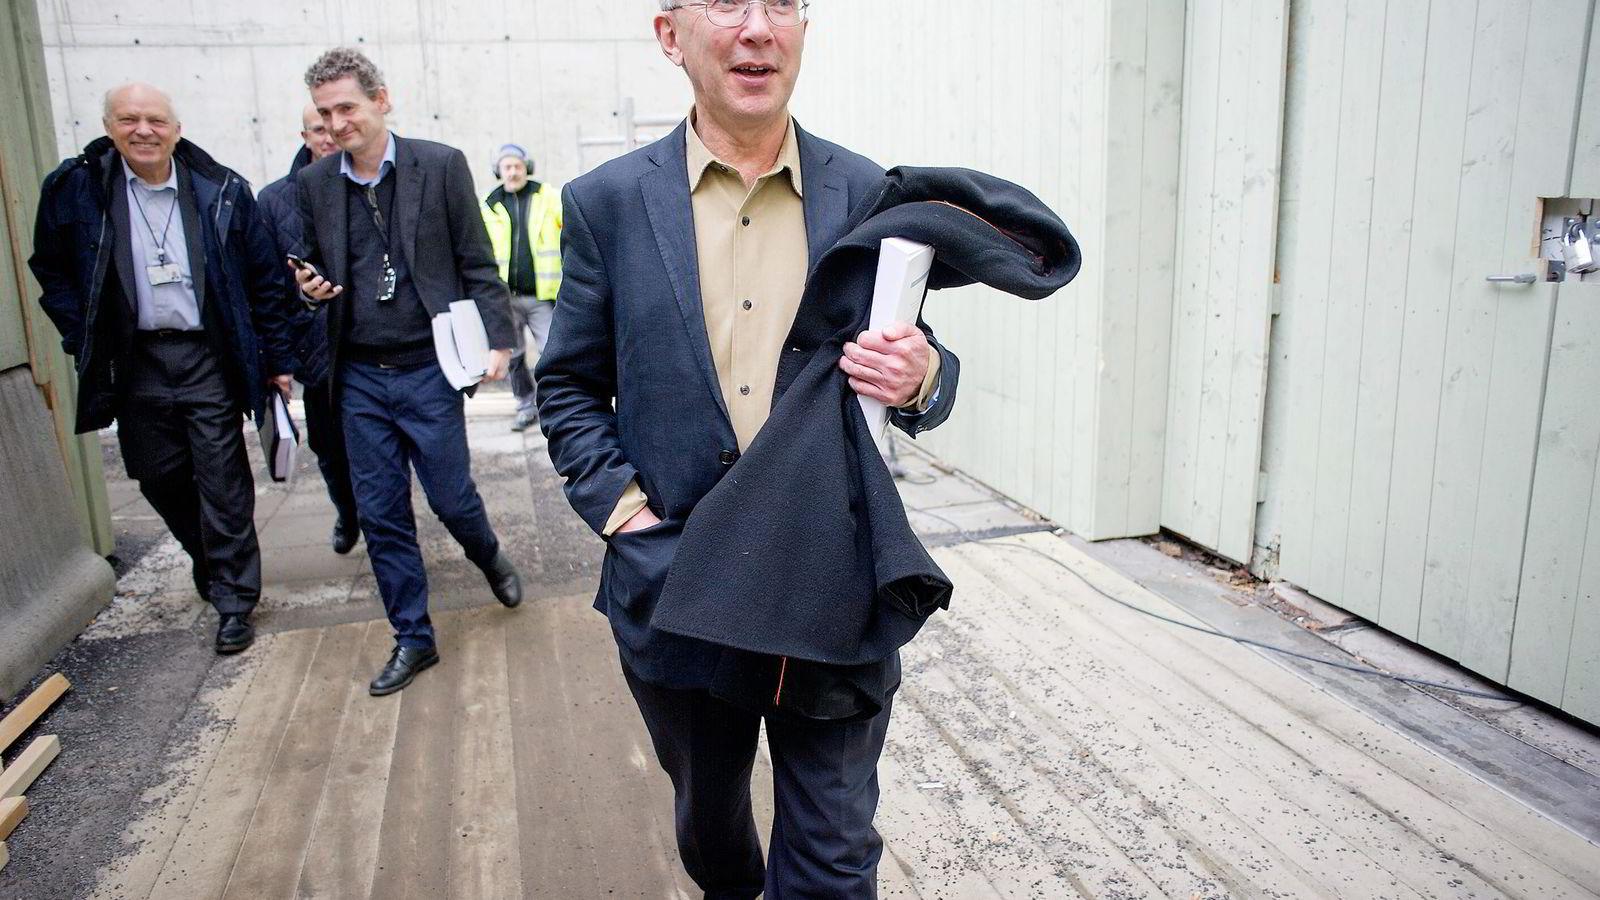 Produktivitetskommisjonen føyer seg inn i rekken av stadig flere forskertunge utvalg som leverer NOU-er spekket med faglige referanser og analyser, skriver artikkelforfatter. Her er kommisjonens leder Jørn Rattsø.